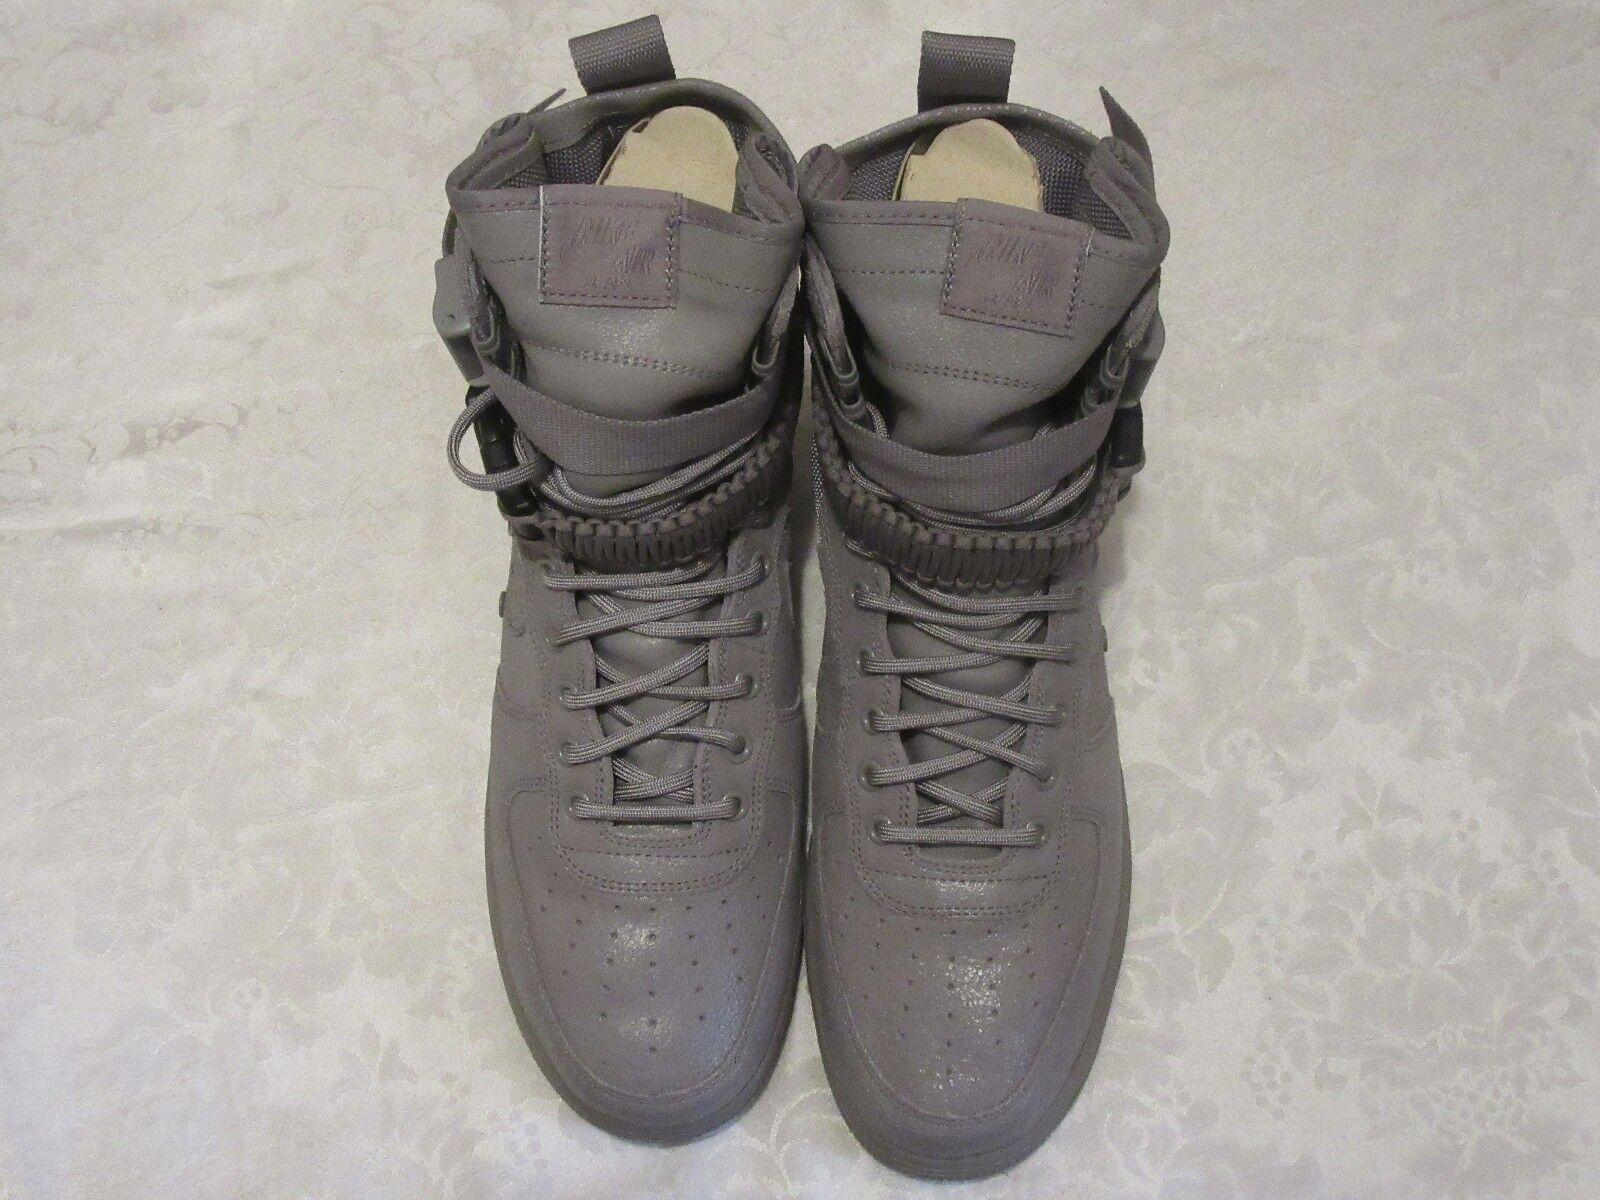 Nike sf af1 air force 1 qs duse 903270 001 43 di scarpe